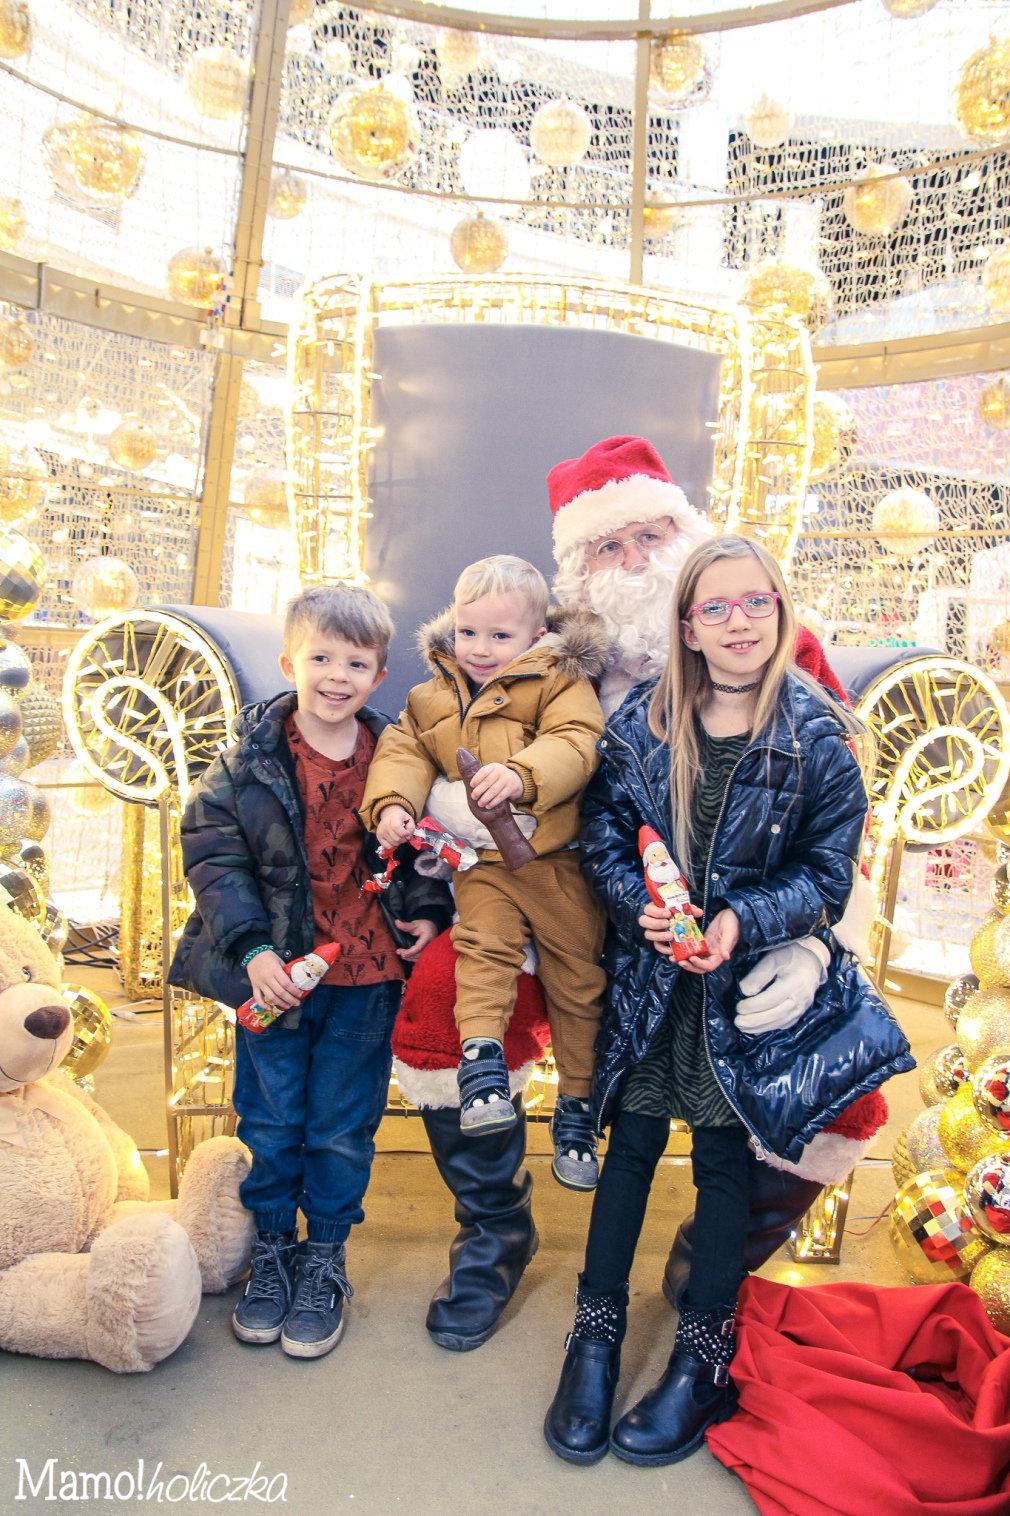 dzieci, rodzina wielodzietna, prezent dla dziecka, centrum handlowe